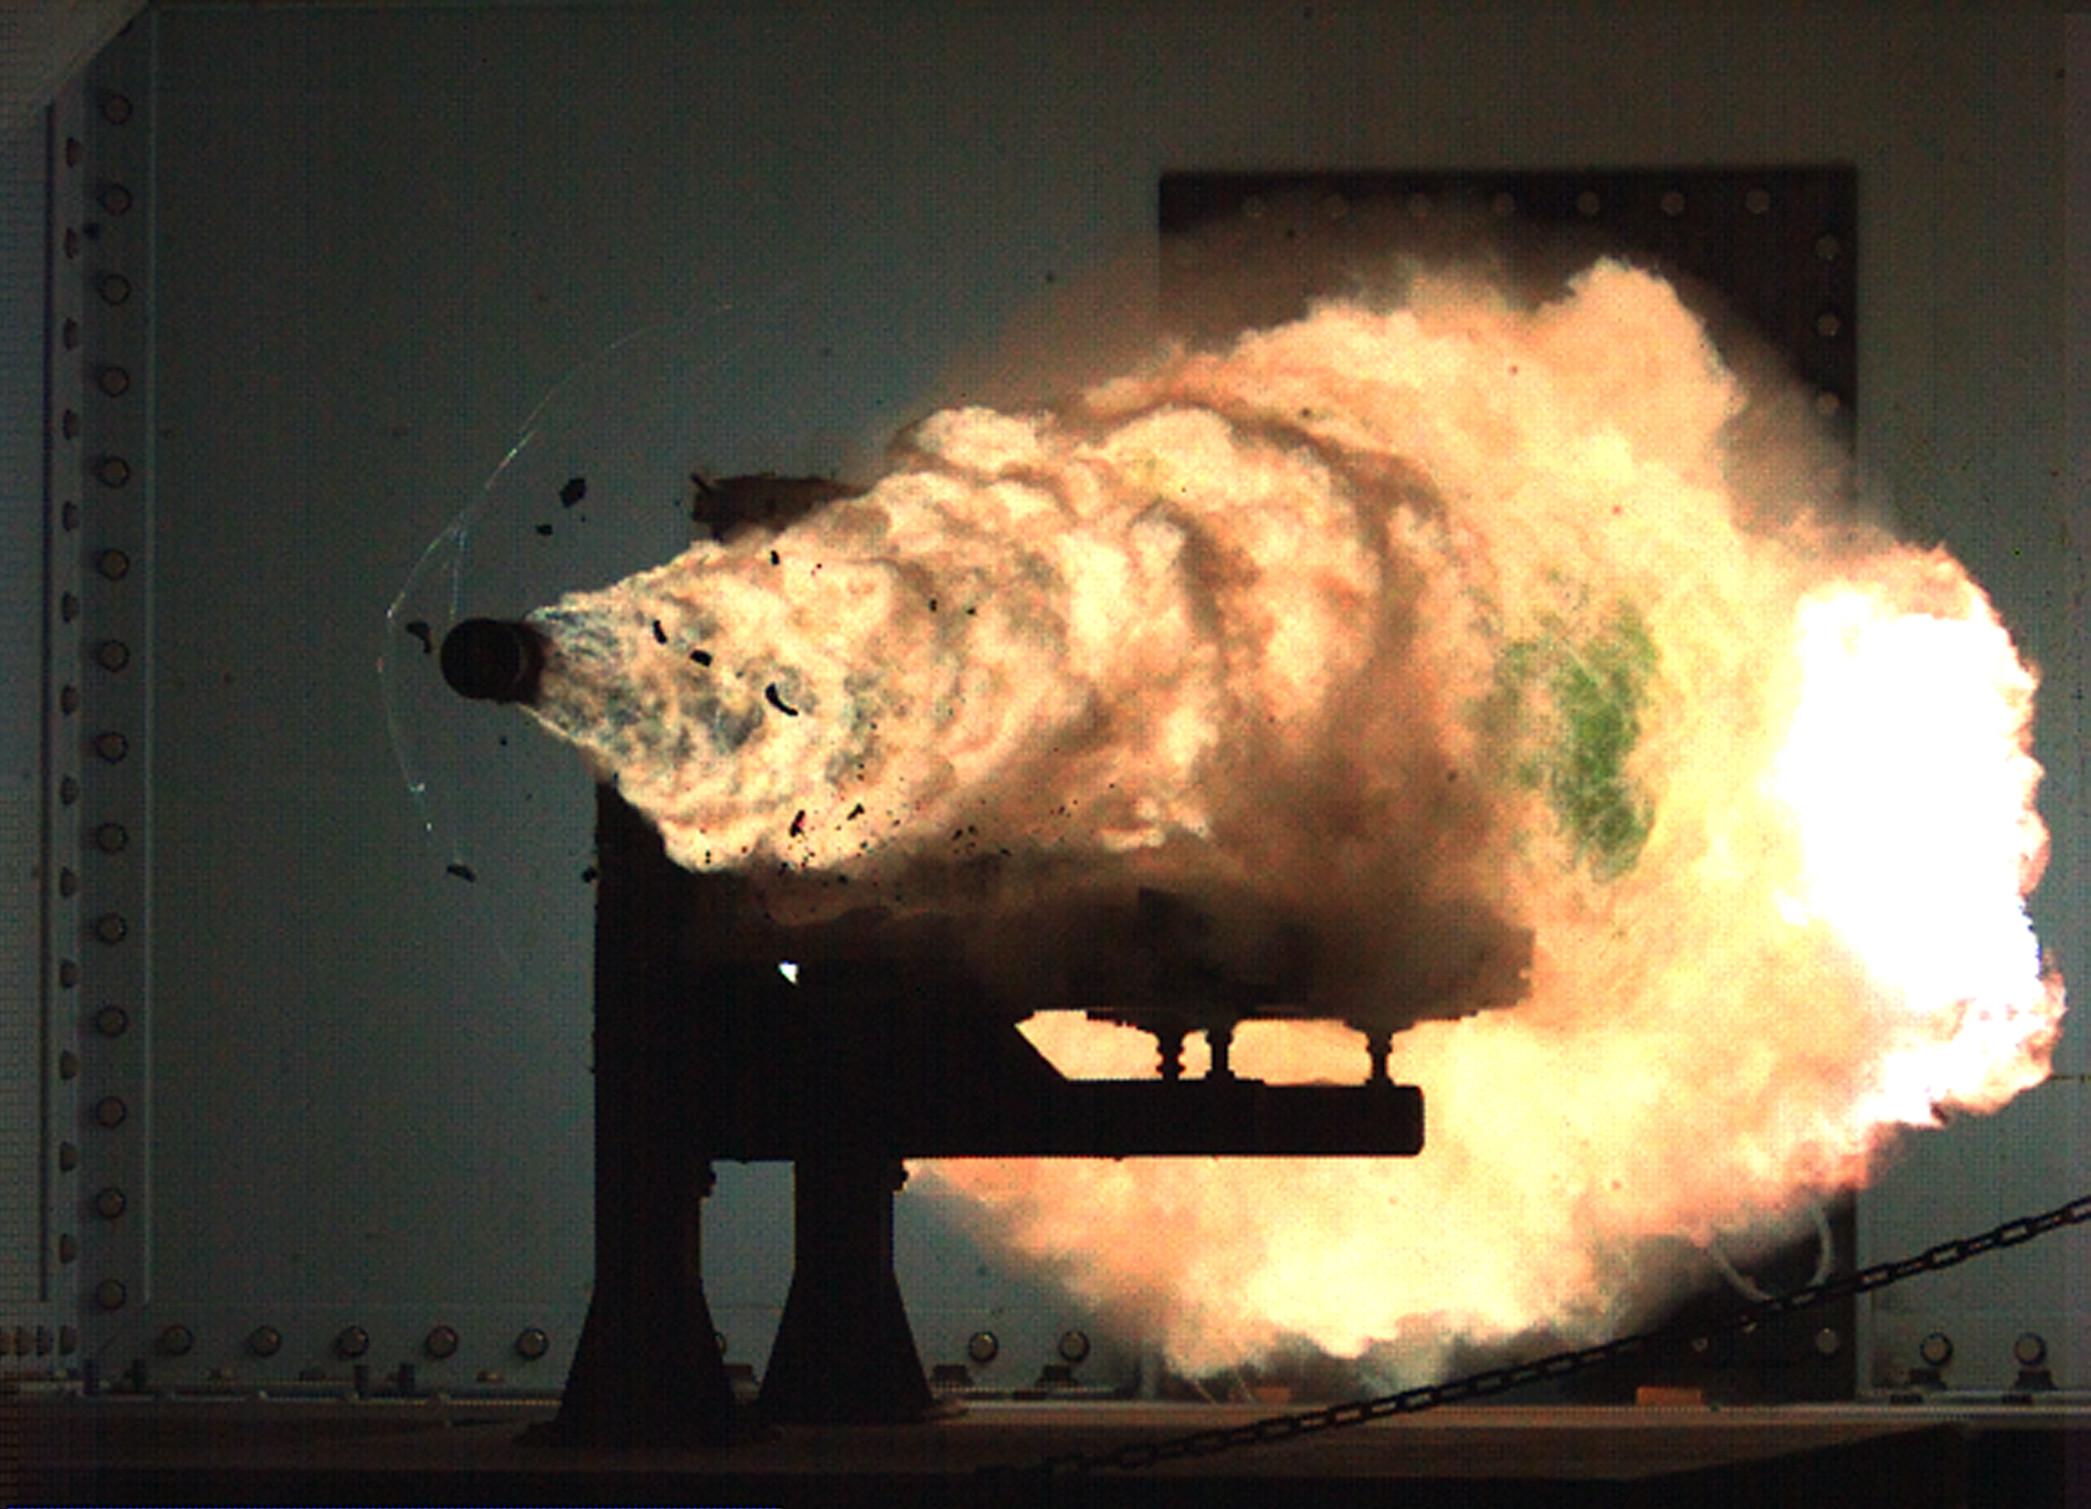 Испытания рельсотрона в Naval Surface Warfare Center, ВМС США. Январь 2008 года. Фото © U.S. Navy